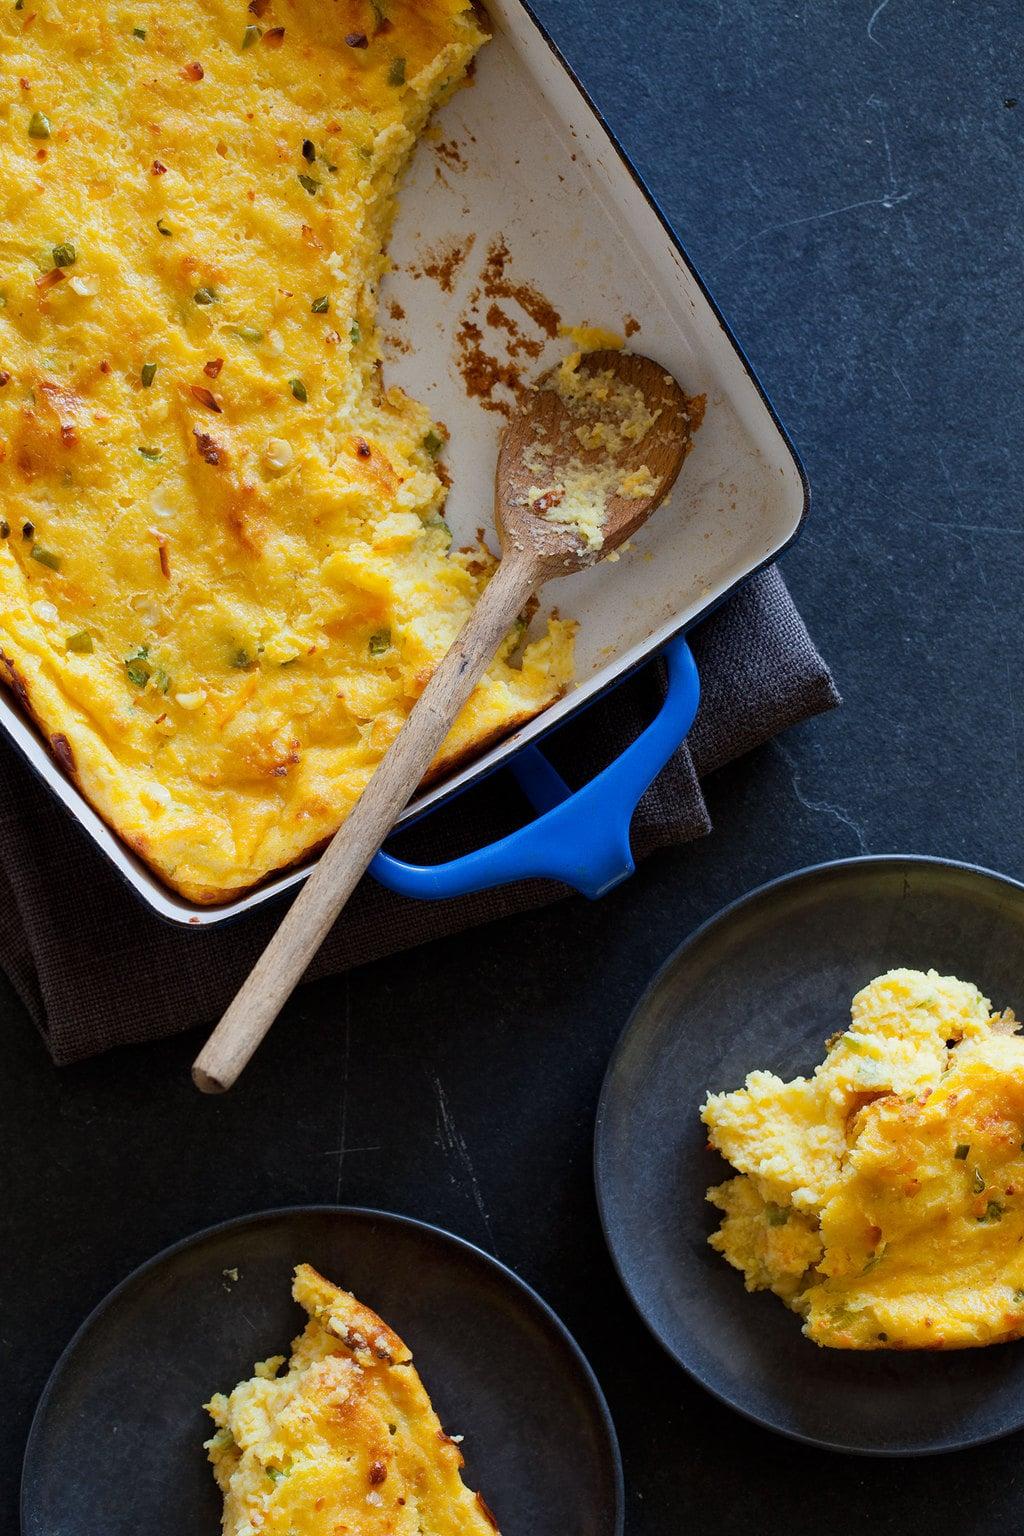 spoon-bread-jalapeno-cheddar